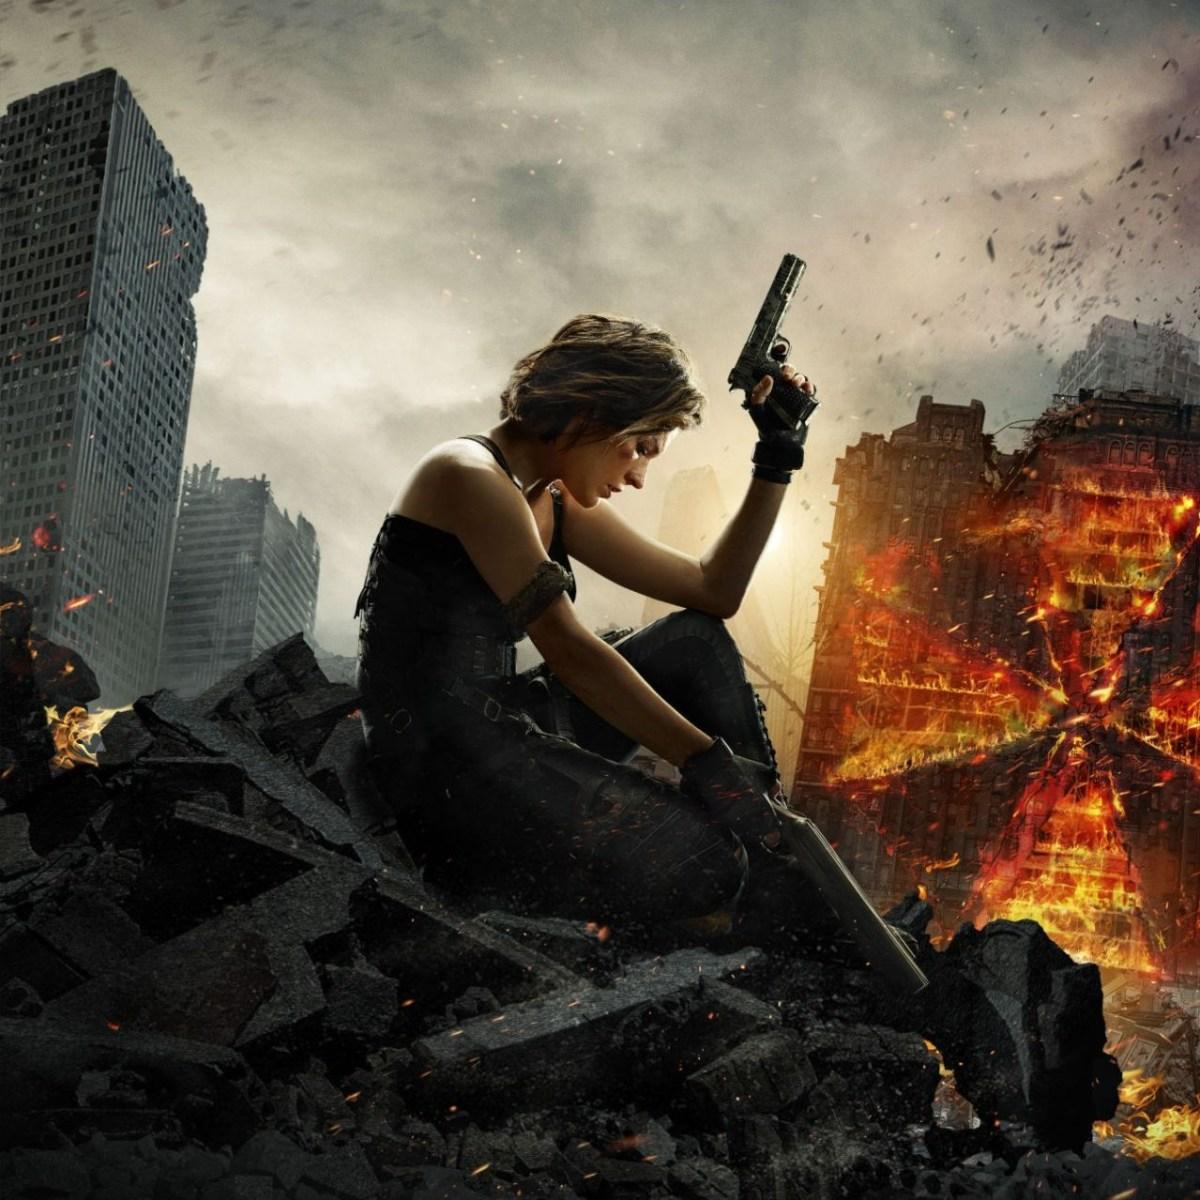 Saçmalığın Daniskası: RESIDENT EVIL Film Serisine REBOOT YAPACAKLAR!